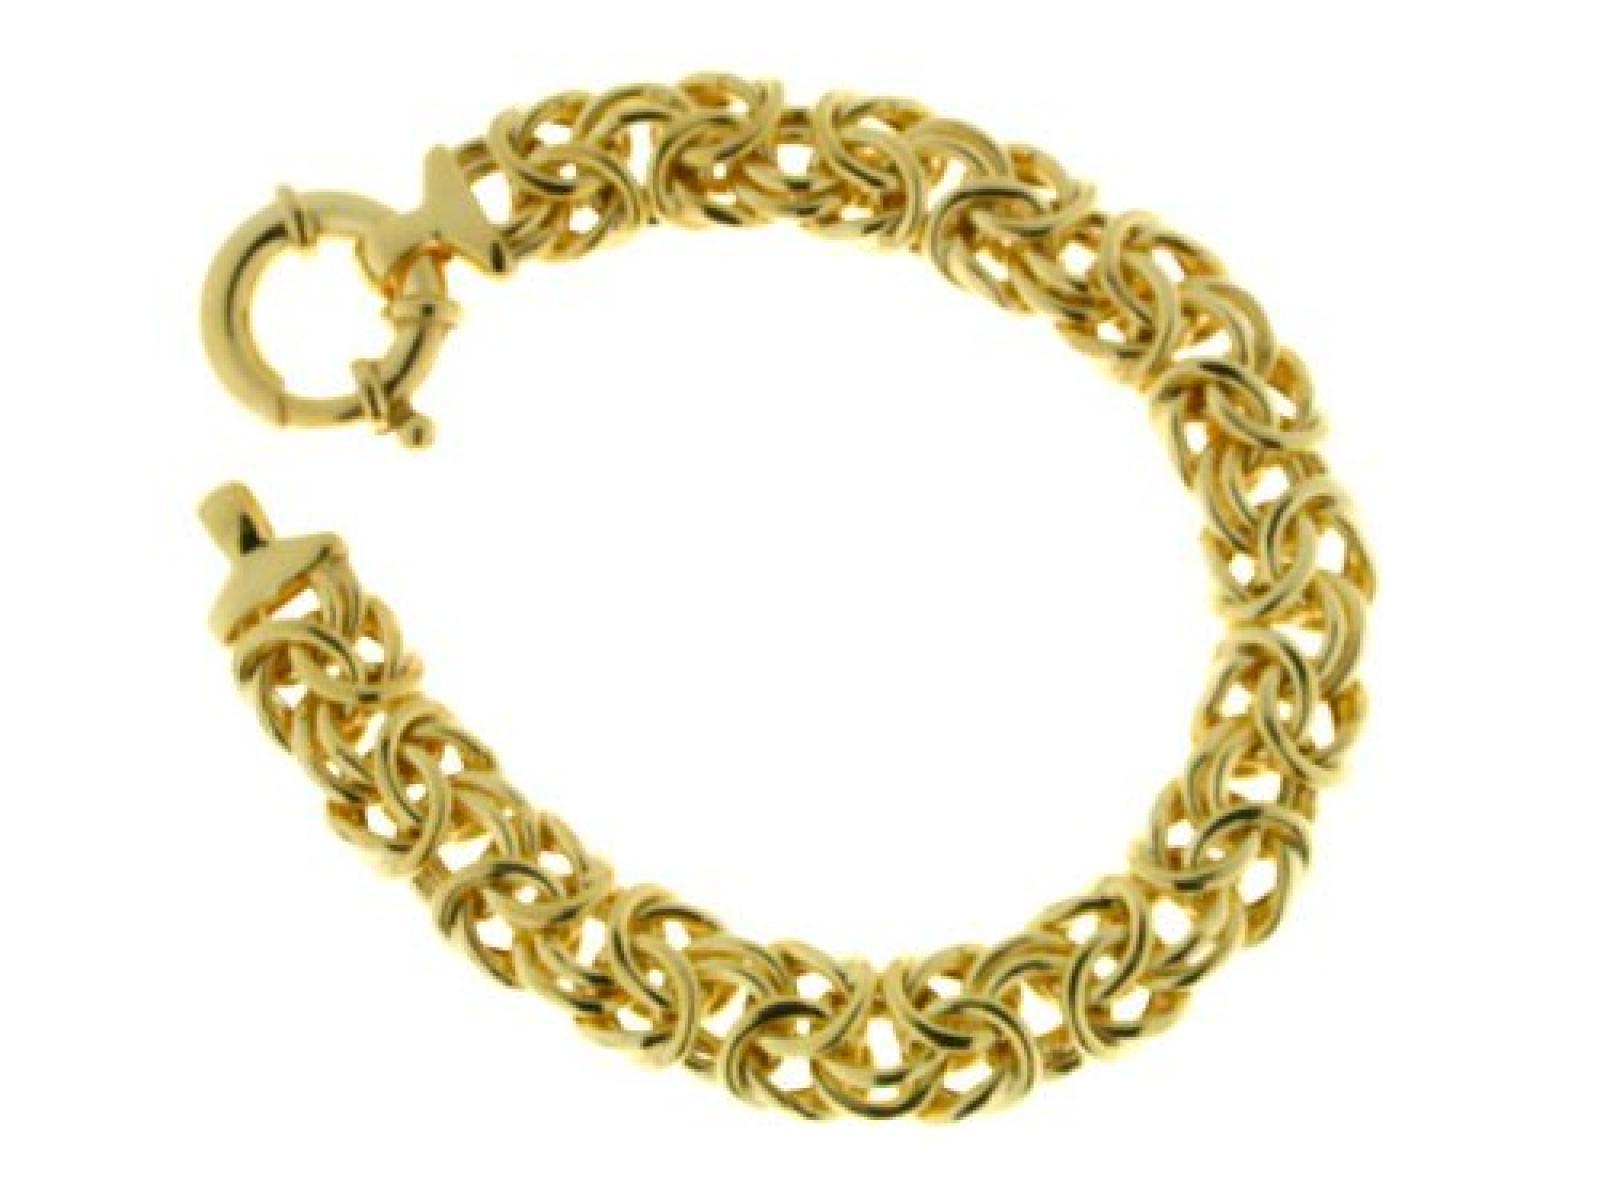 BOB C. Damen-Armband Königs vergoldet Sterling-Silber 925 KN 48361/91/21